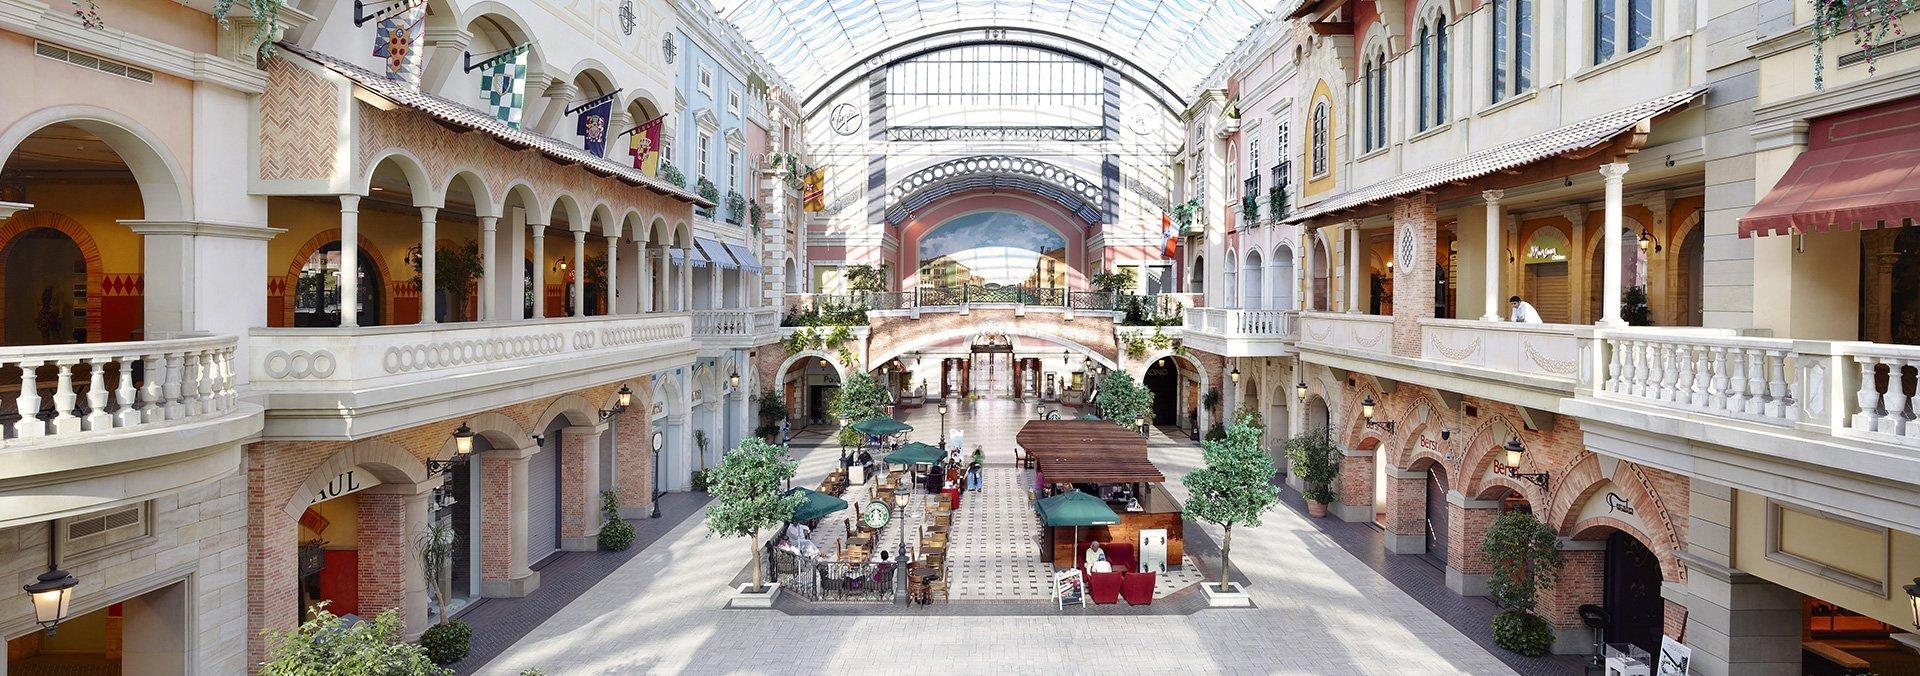 Mercato Shopping Mall | Things To Do in Dubai | Shopping in